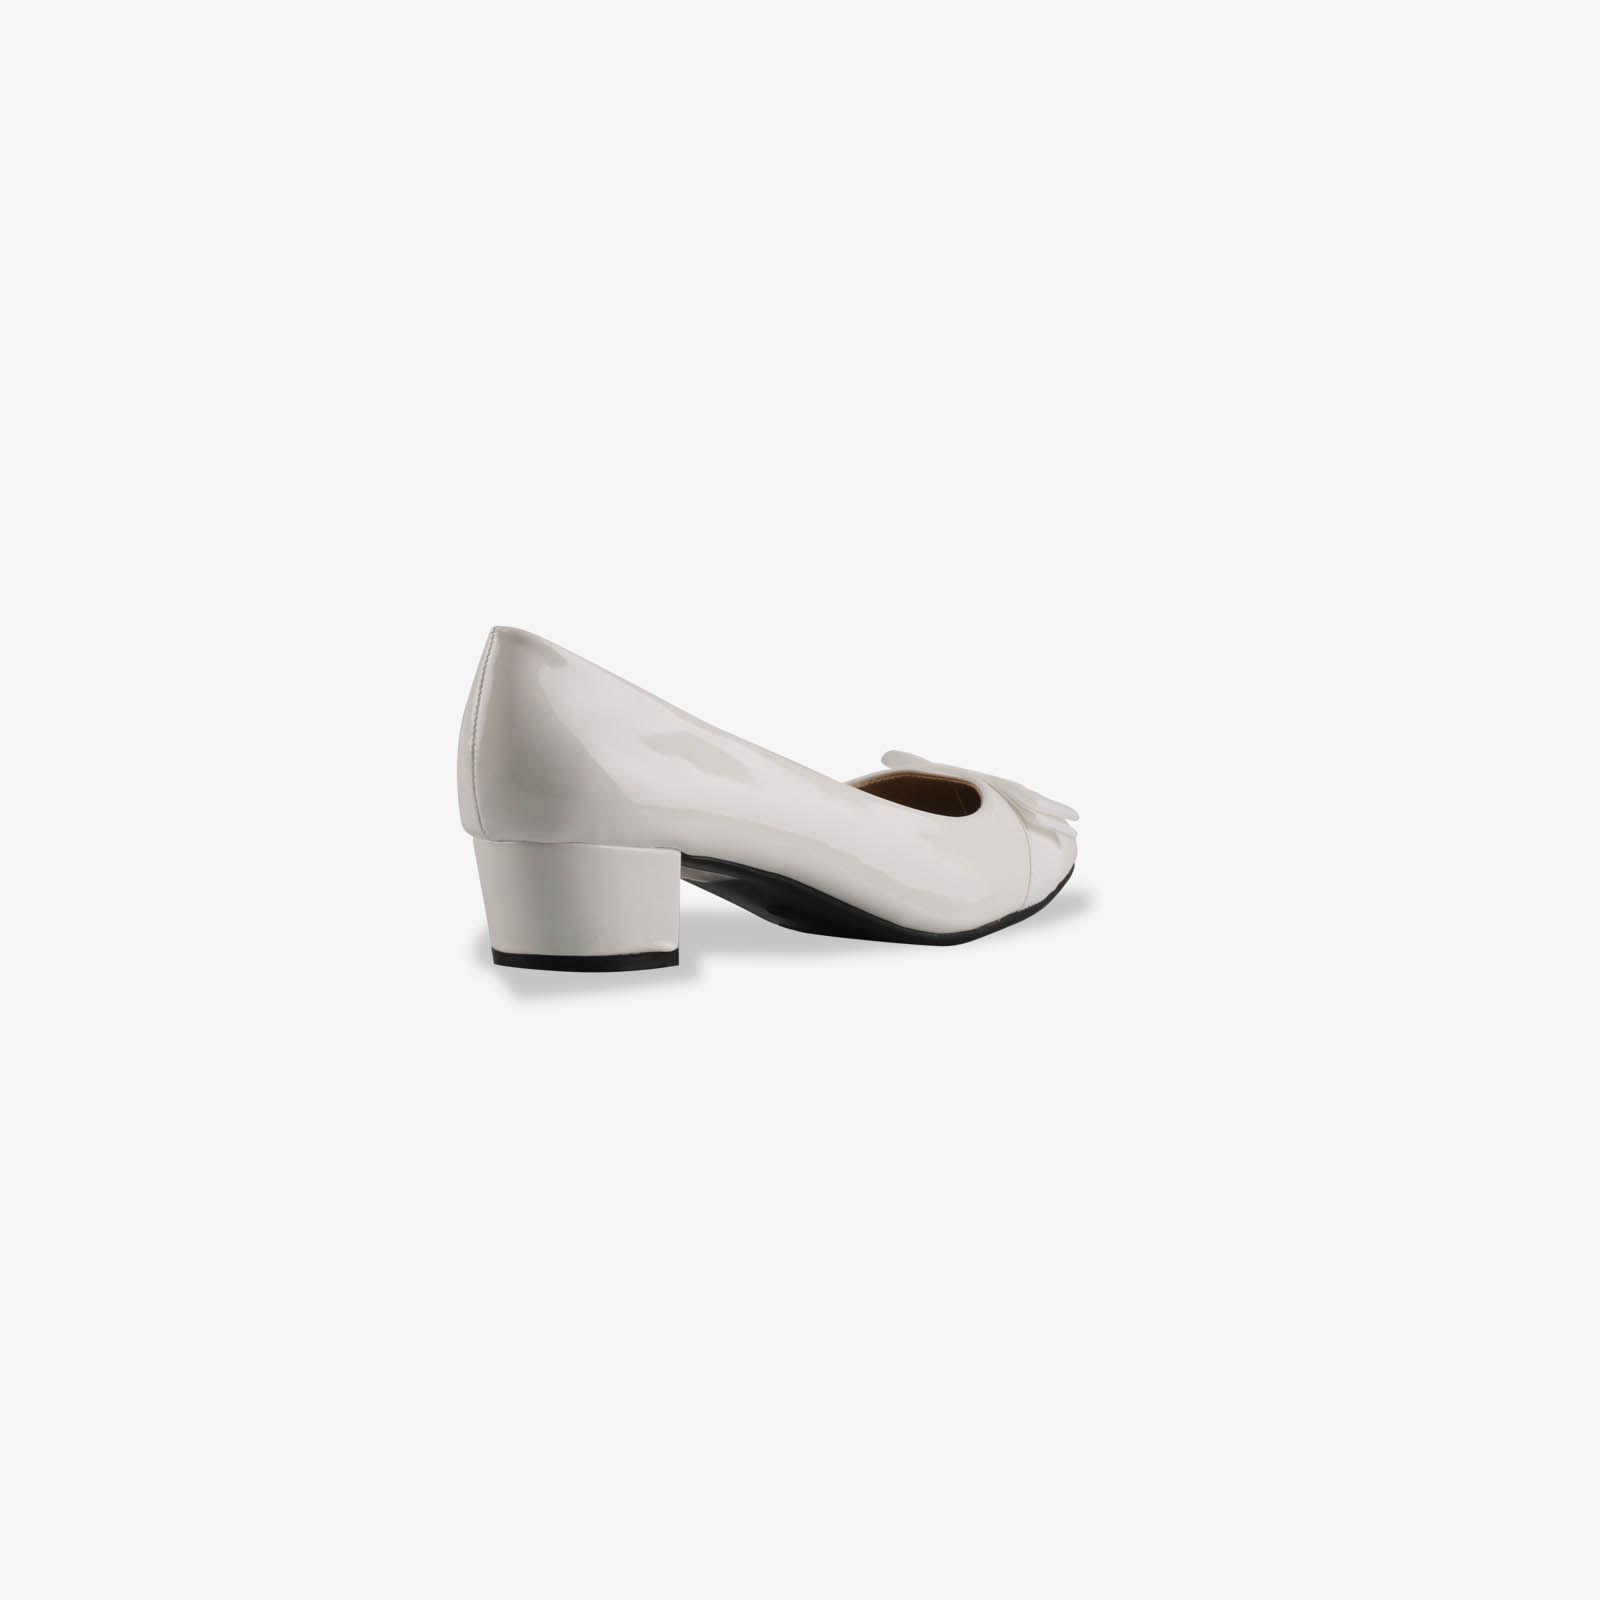 Damen-Elegante-Absatzschuhe-Hochlganz-Pumps-Blockabsatz-Ballerina-Schuhe-Chic Indexbild 31